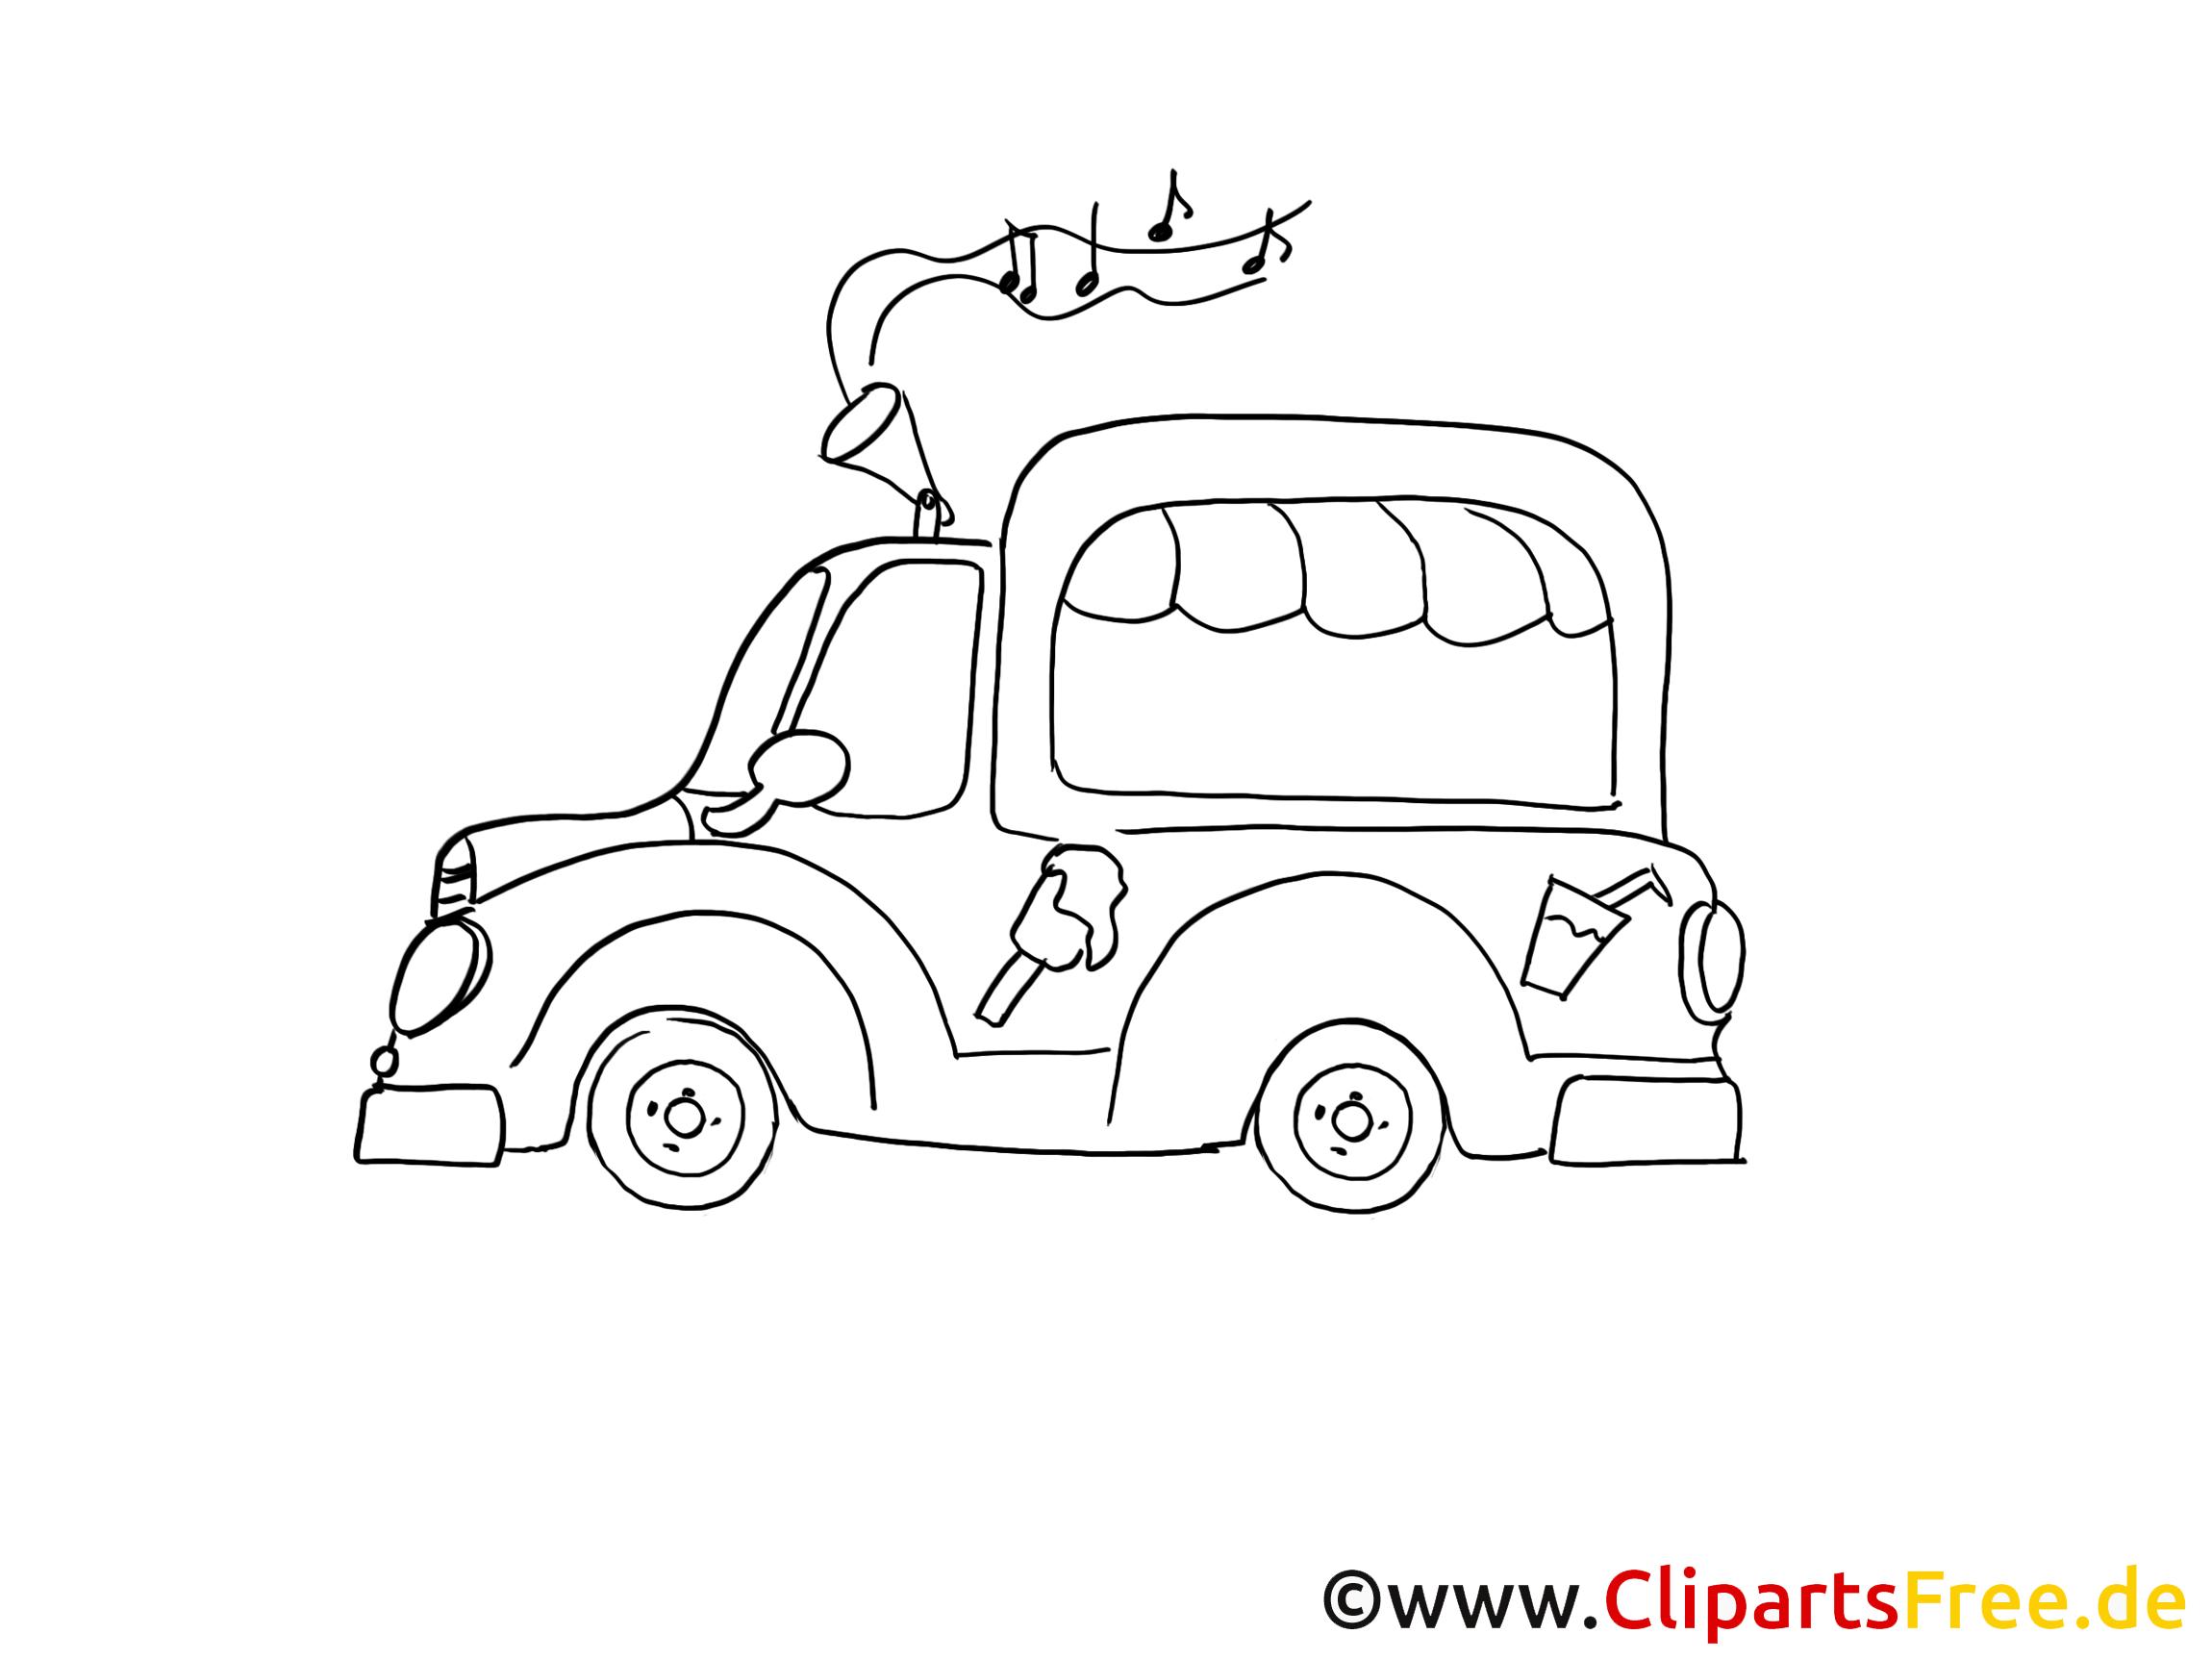 bild zum ausmalen auto